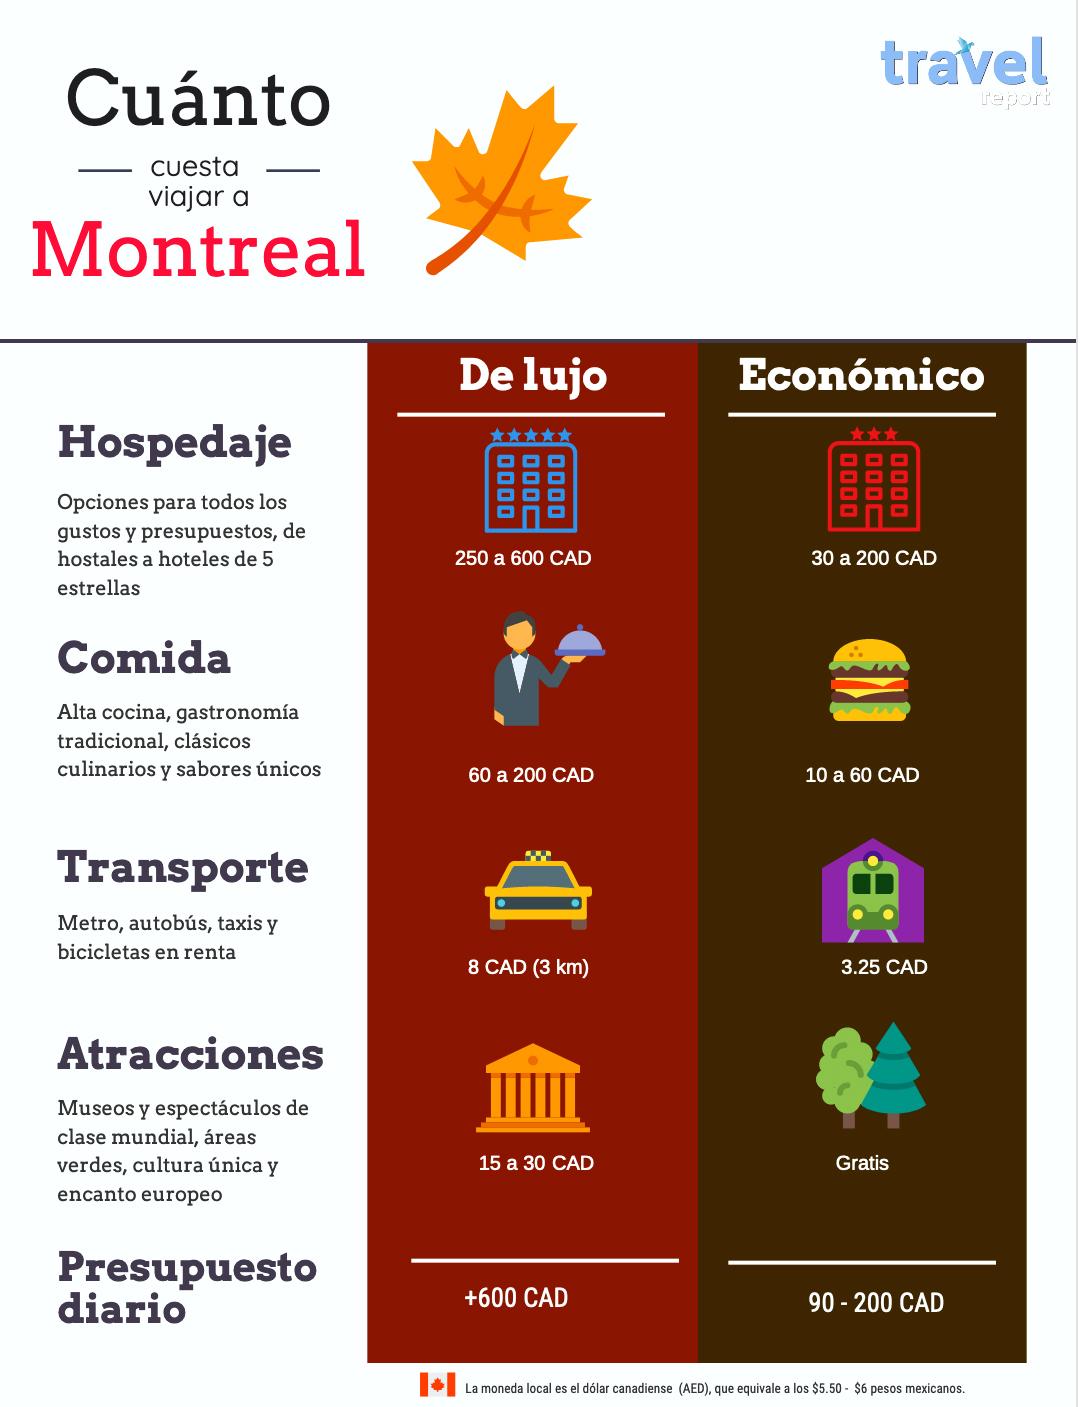 Cuándo cuesta viajar a Montreal